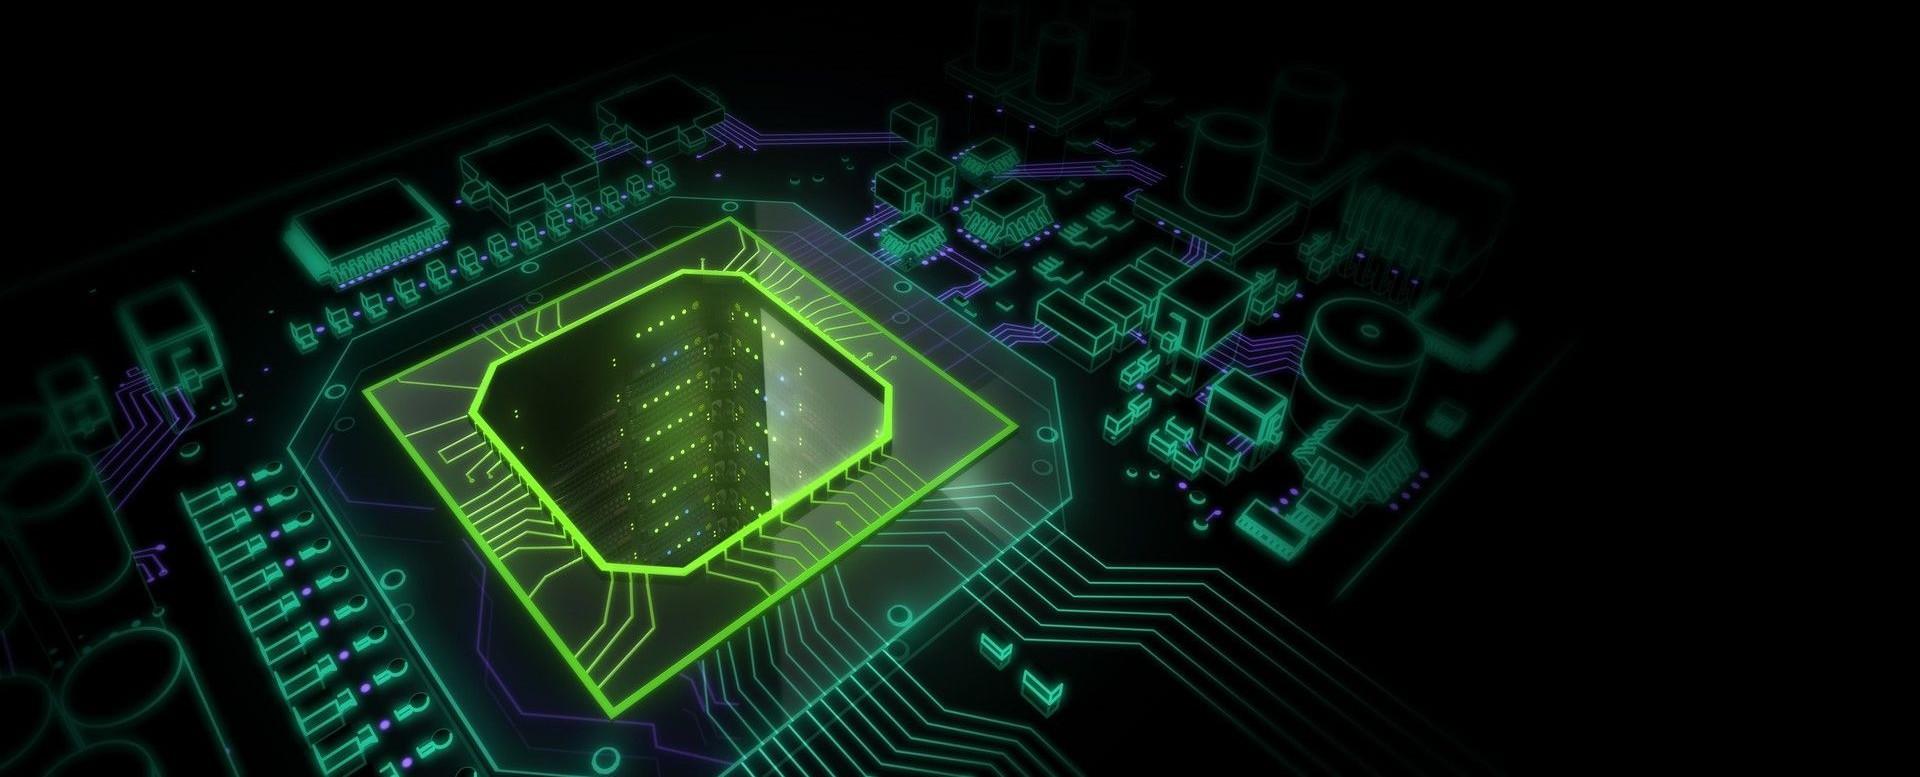 note 3 circuit diagram iphone 3 circuit diagram computer circuit wallpaper wallpapersafari